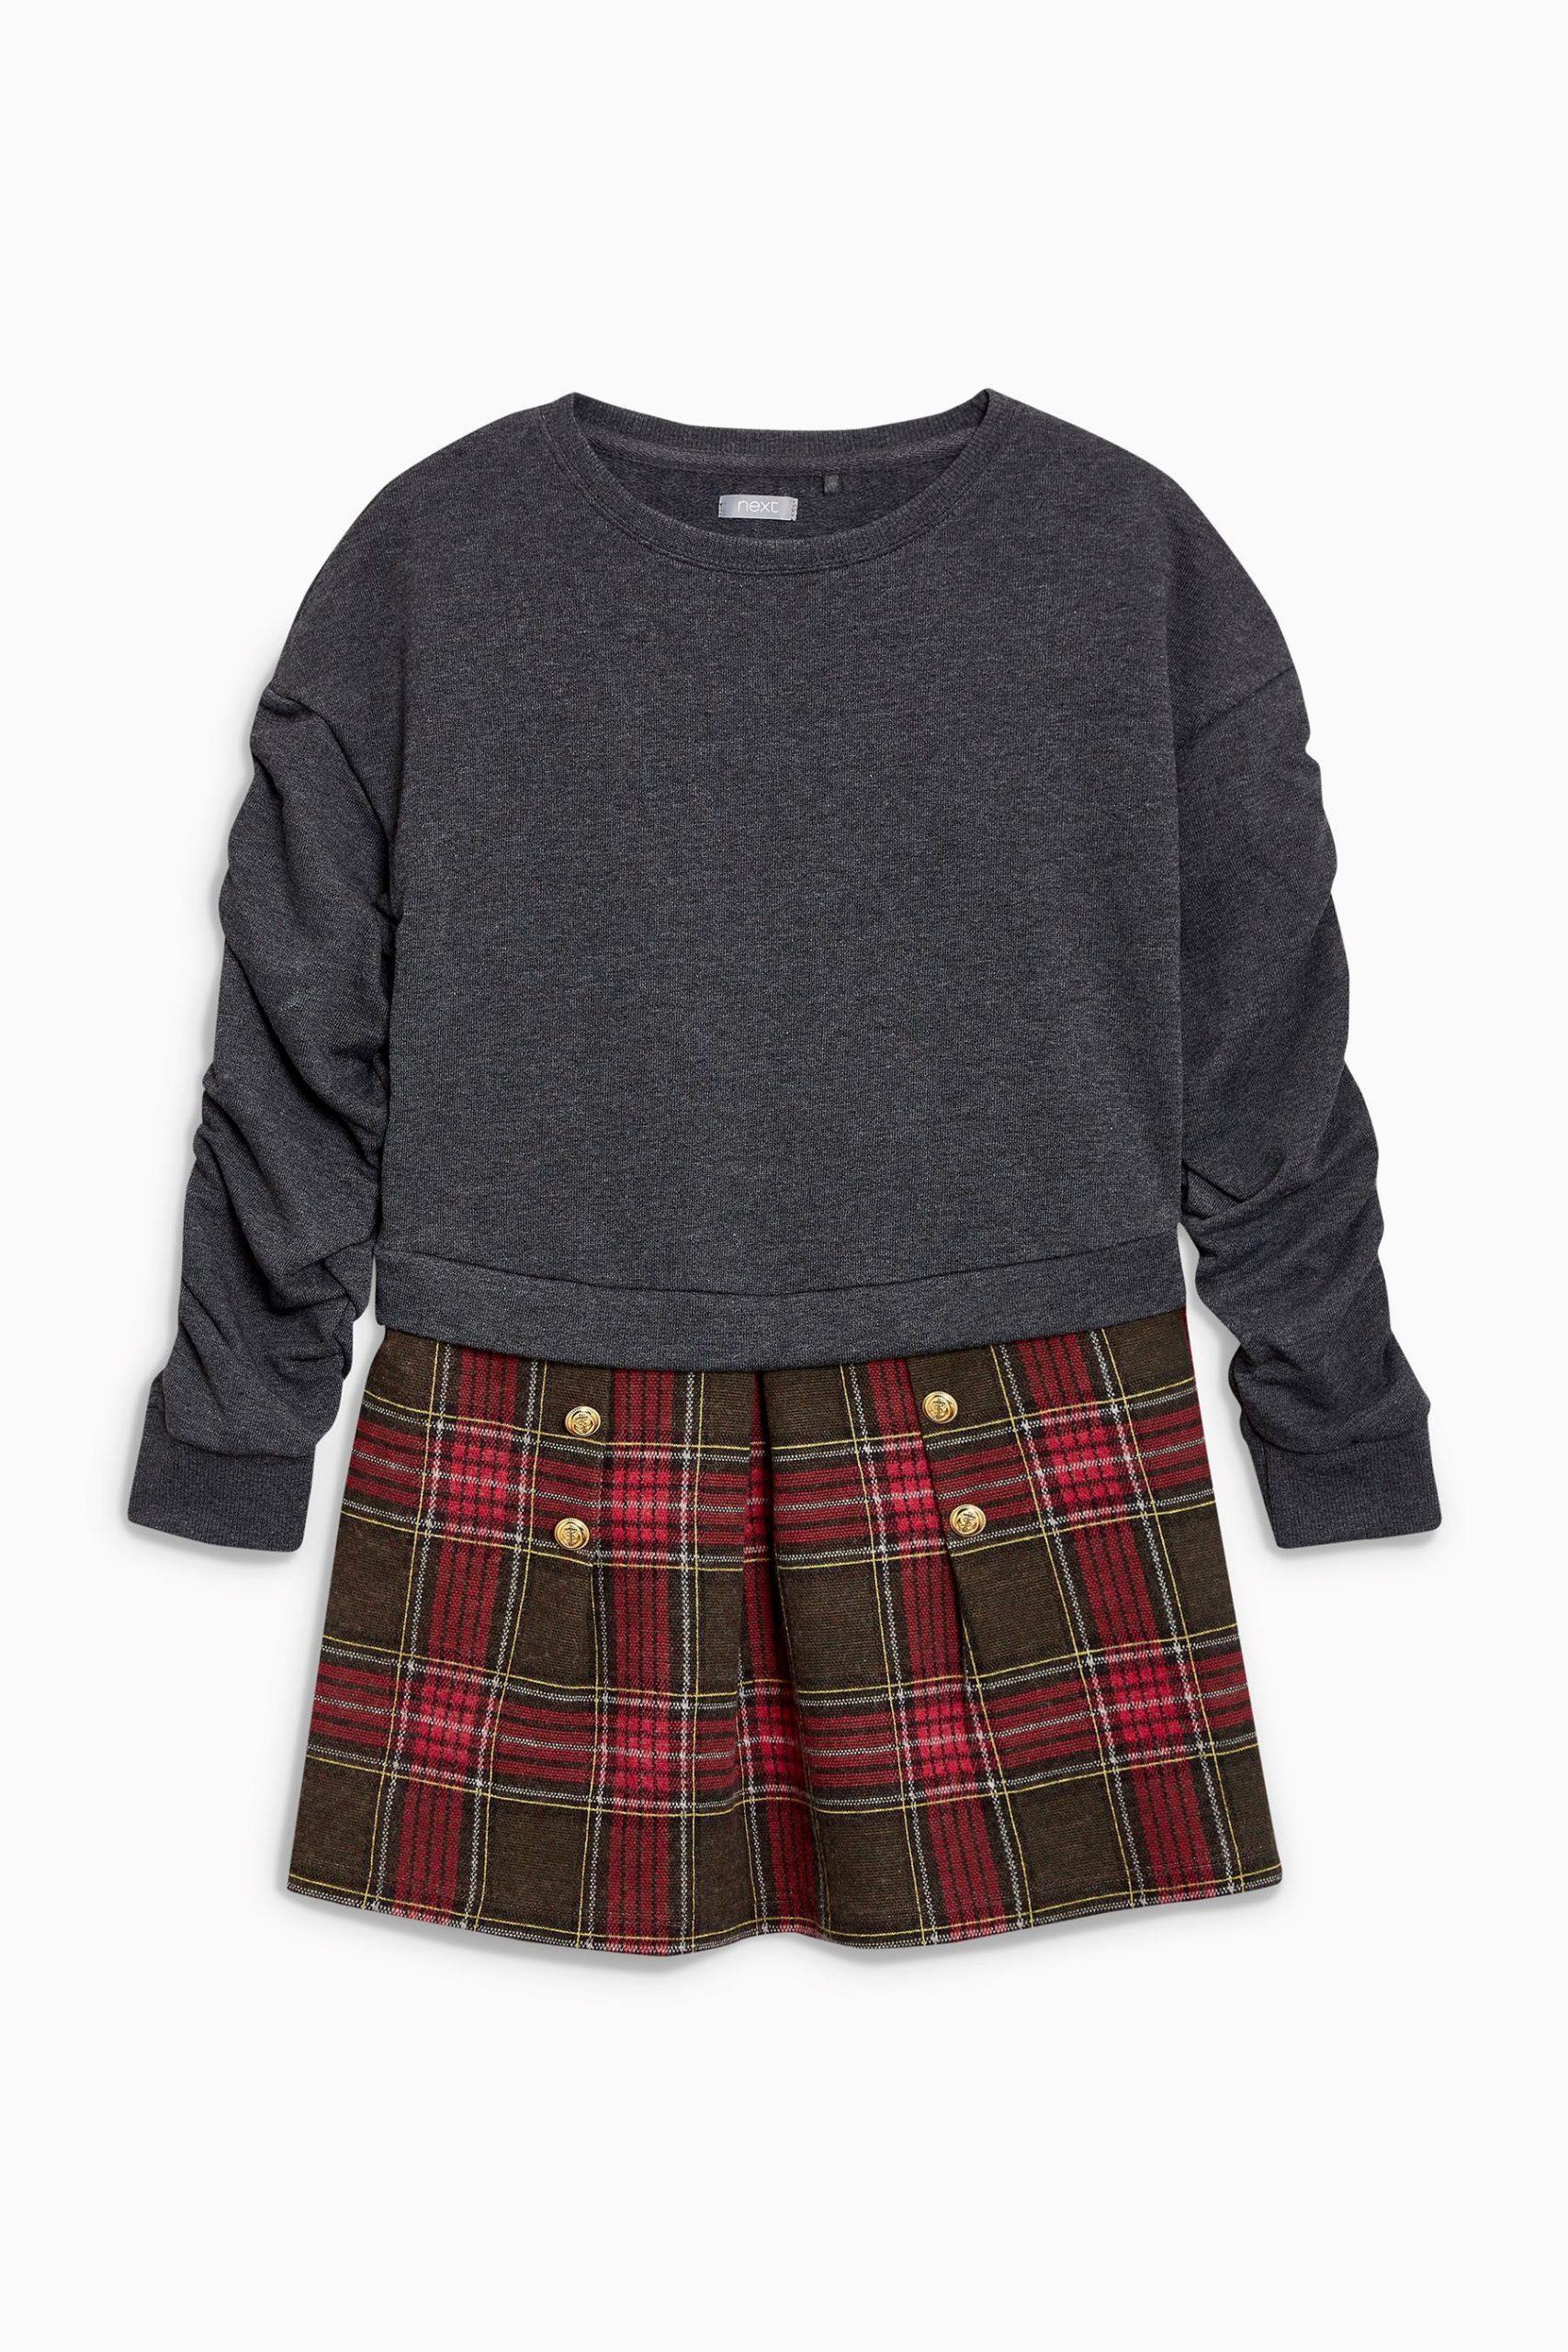 Next Deutschland  Kleidung Online Kleidung Mode